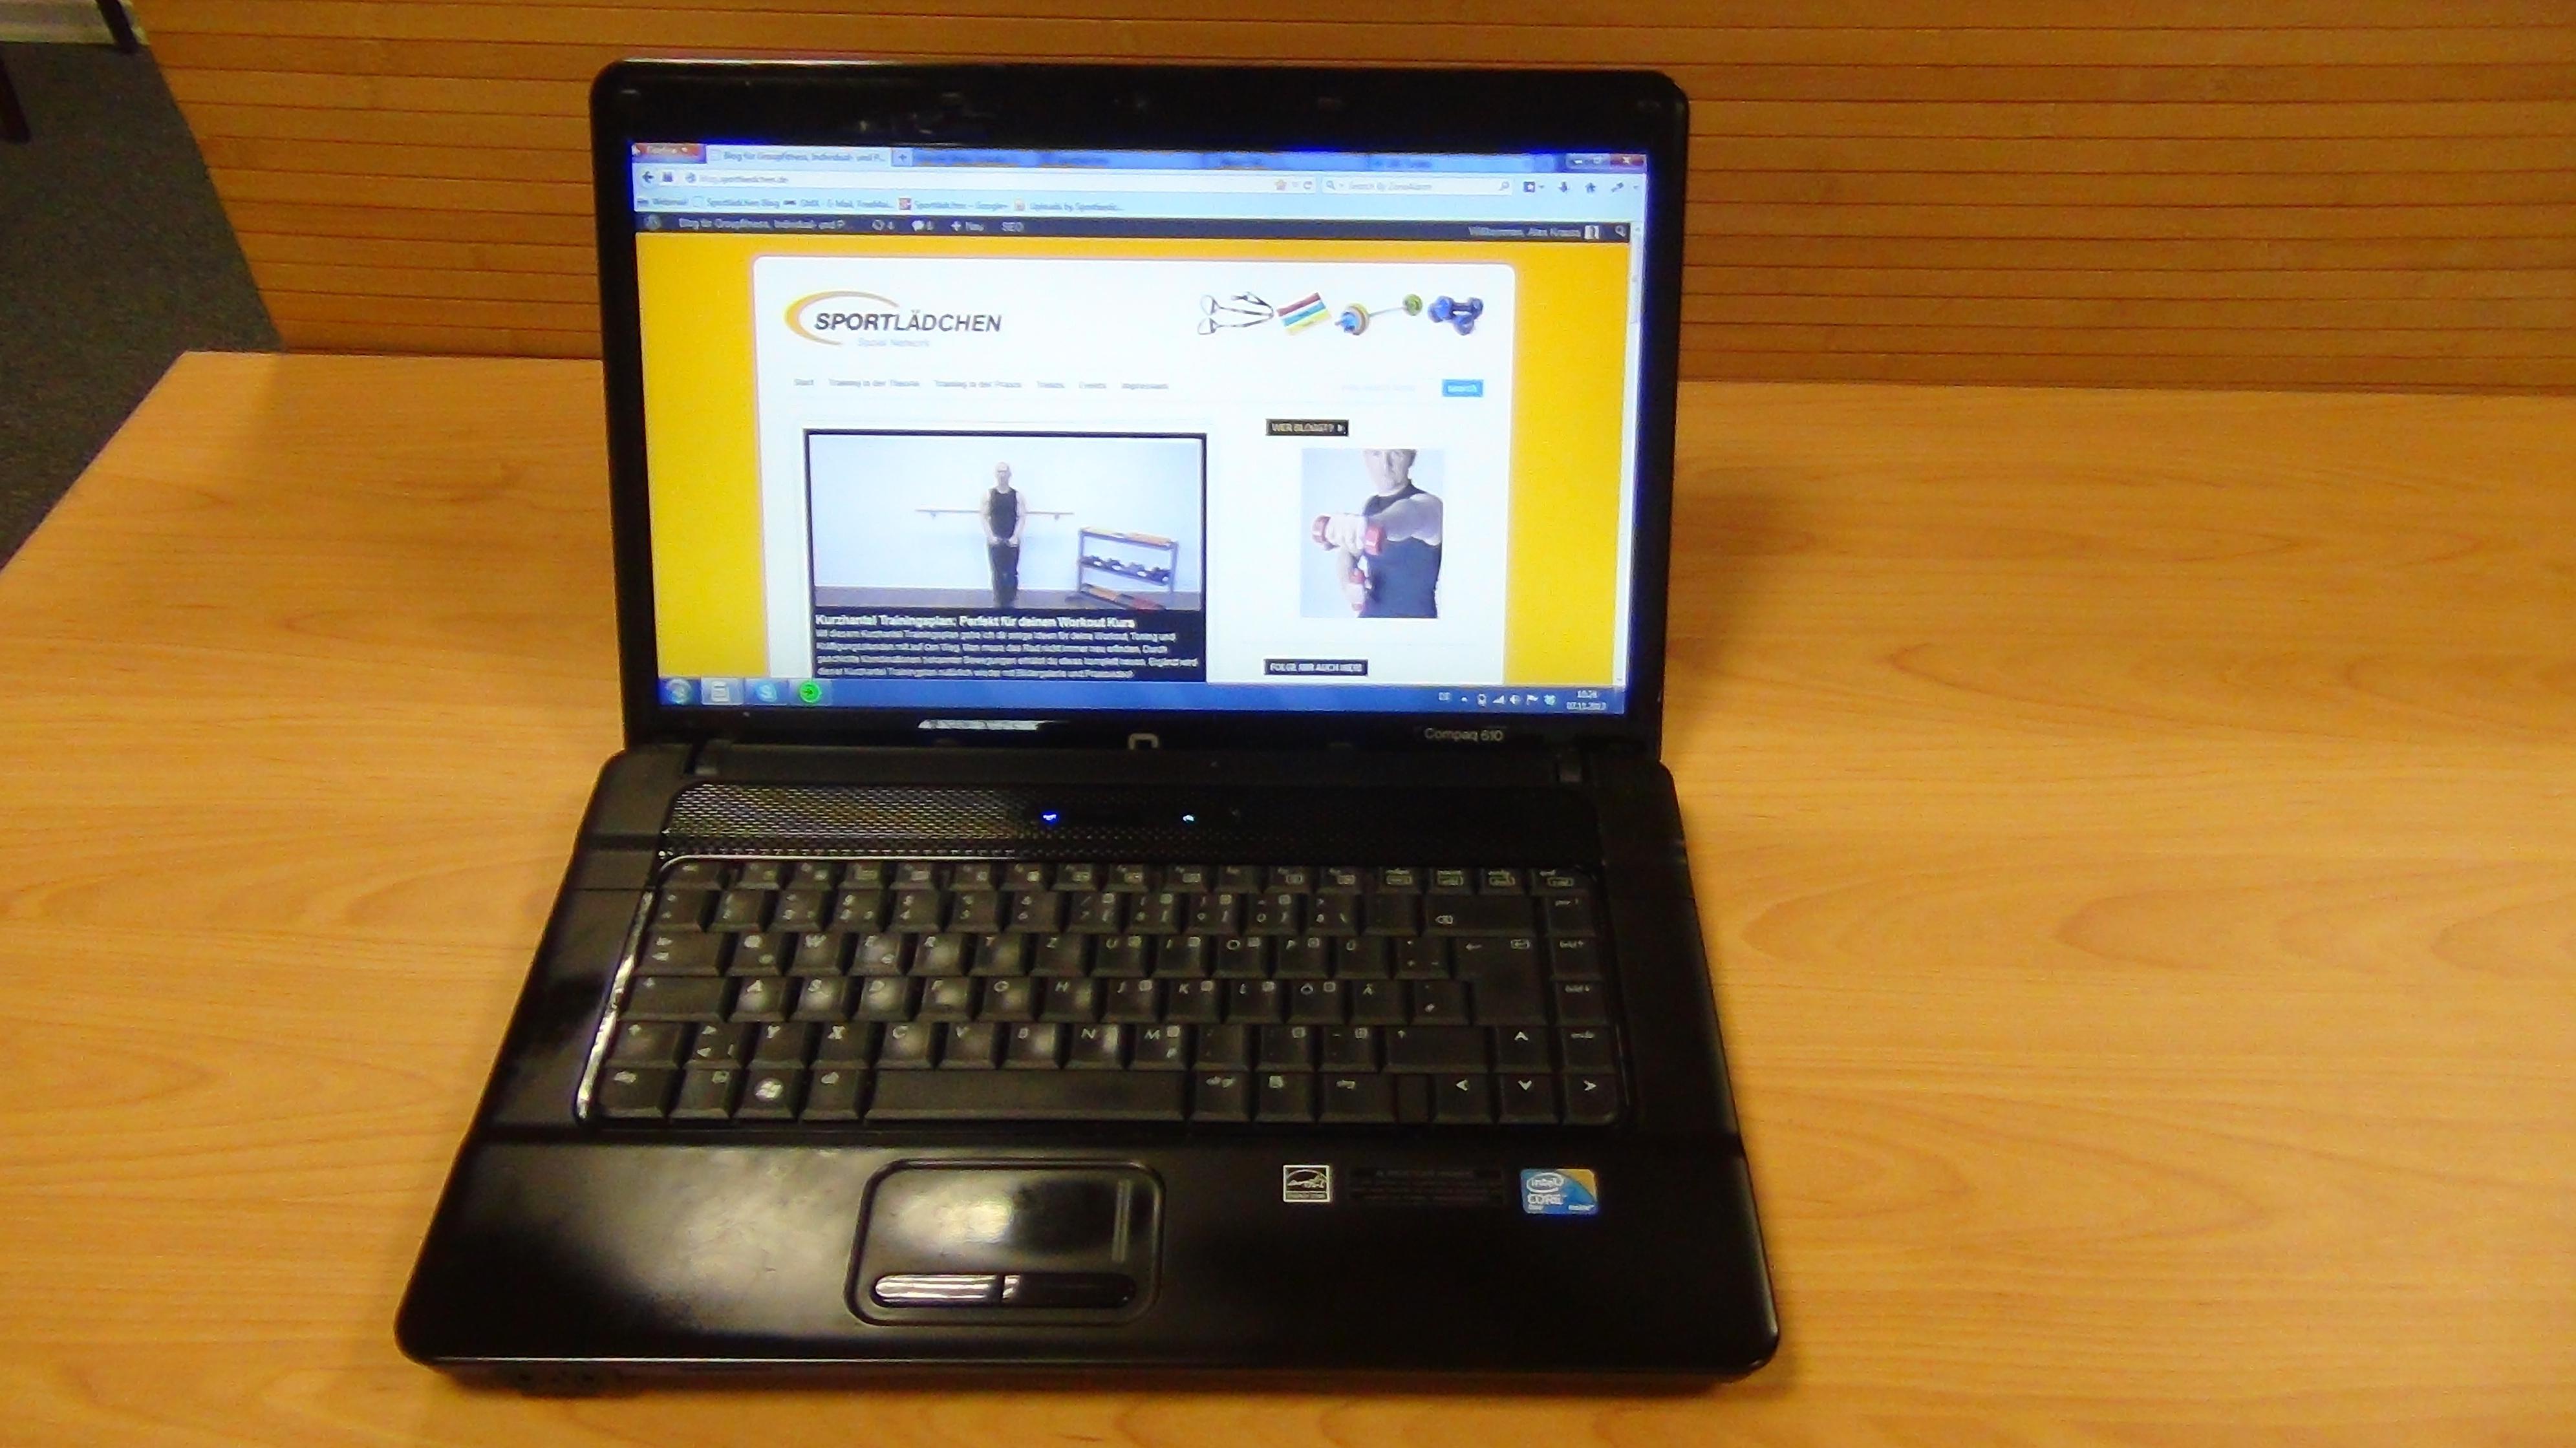 Mein Arbeitsplatz - Dank Laptop immer und überall